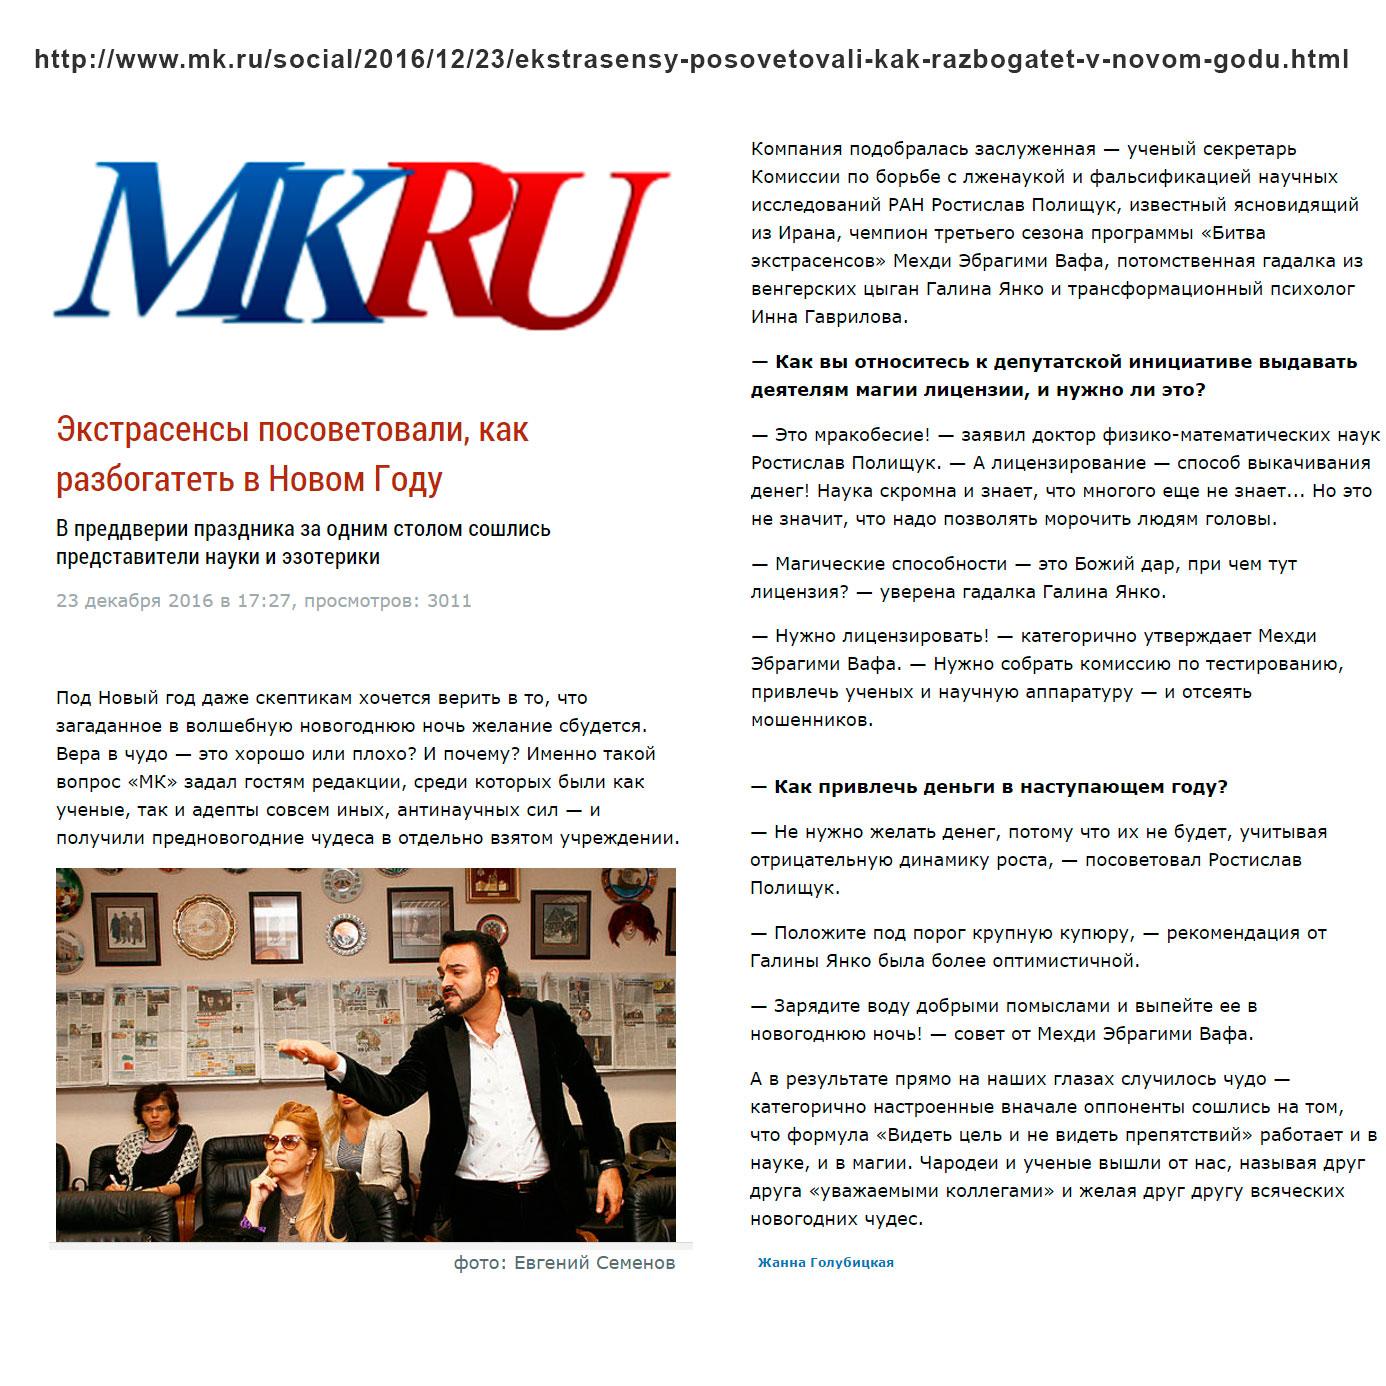 mk-ru-dec23-2016-mehdi